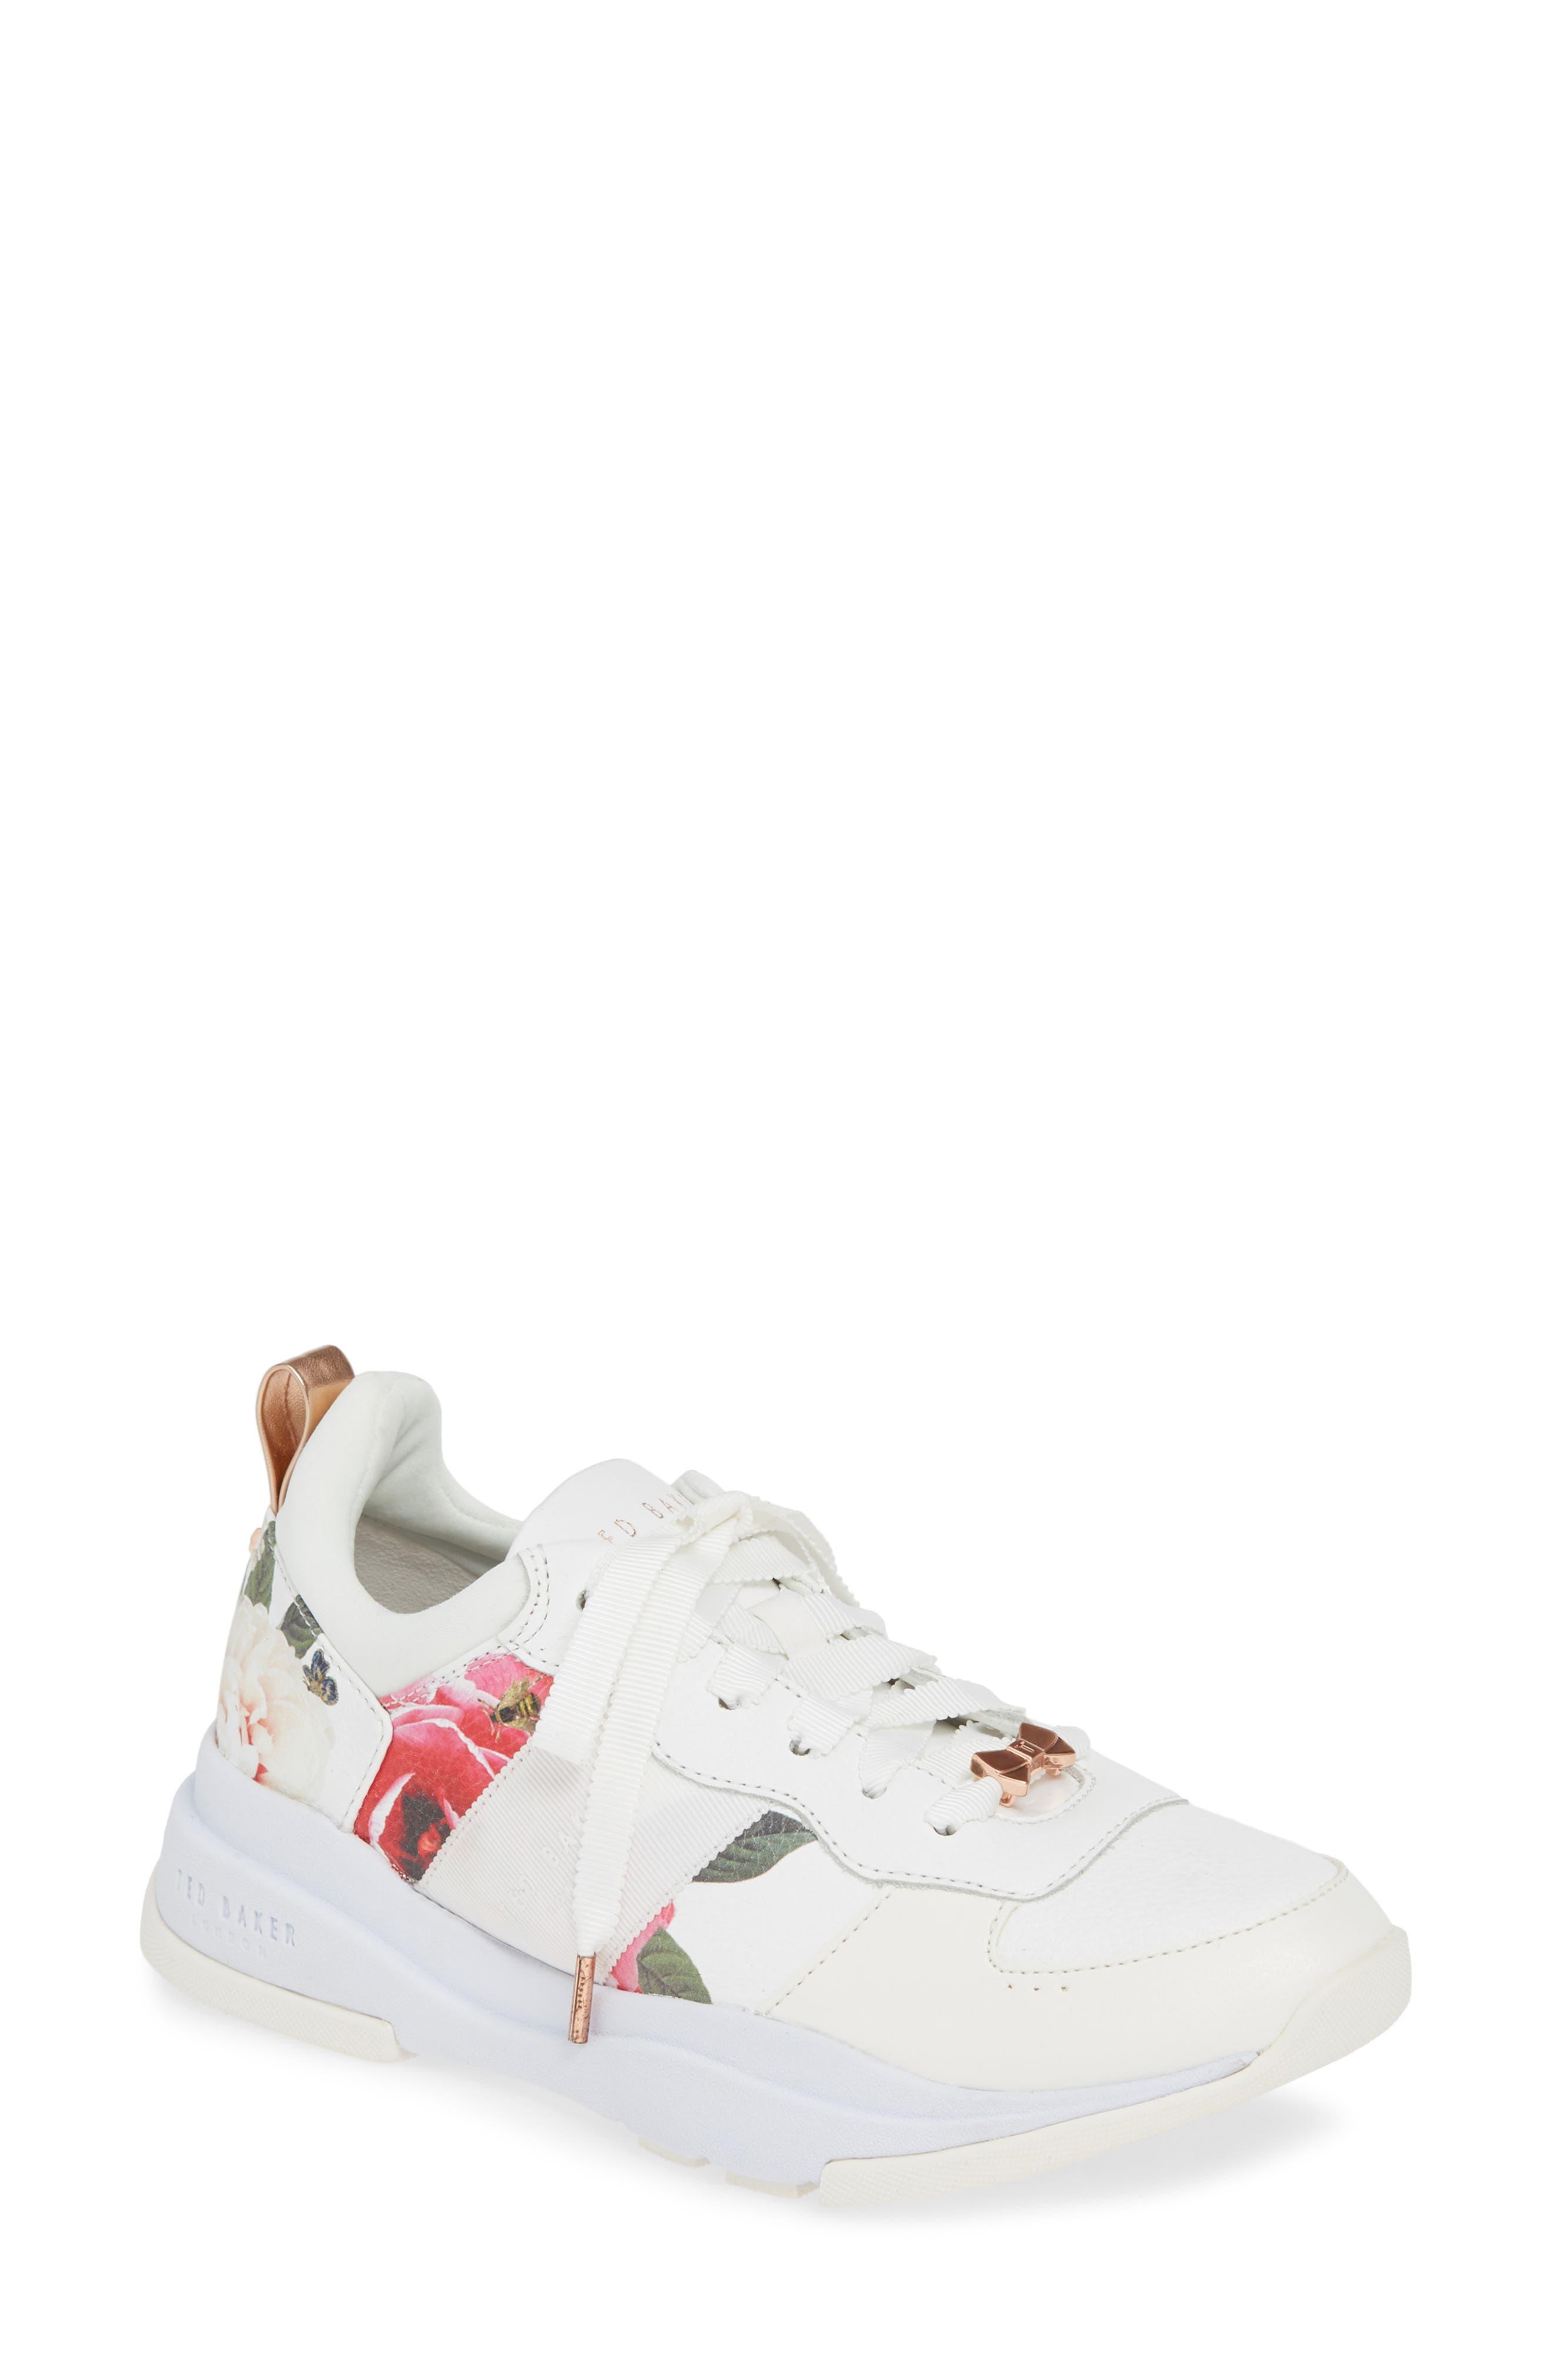 Ted Baker London Waverdi Sneaker - White